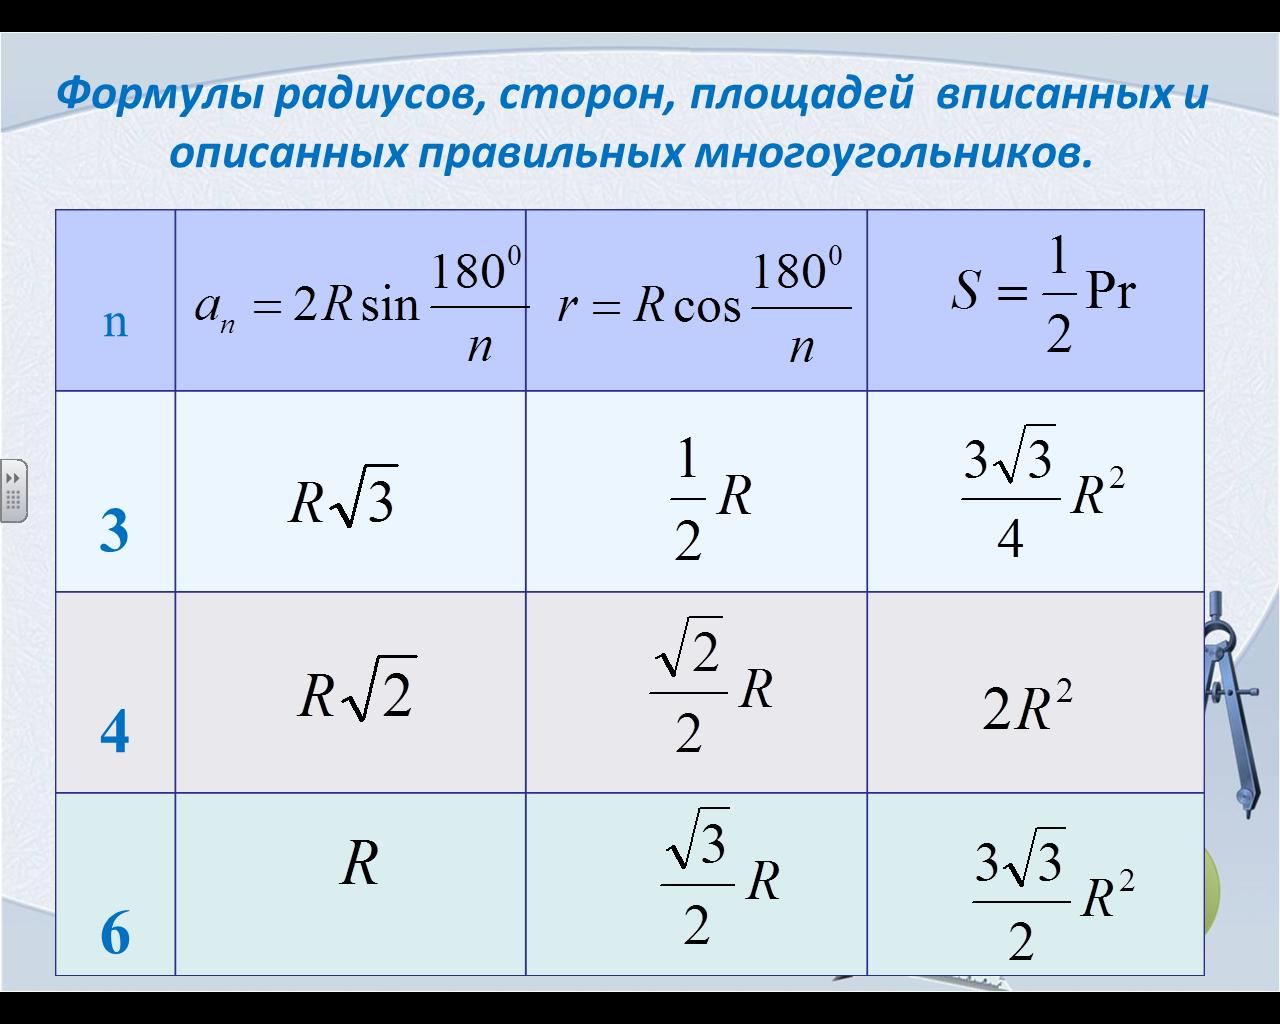 Решение задачи многоугольники онлайн решение задач по химии глинка